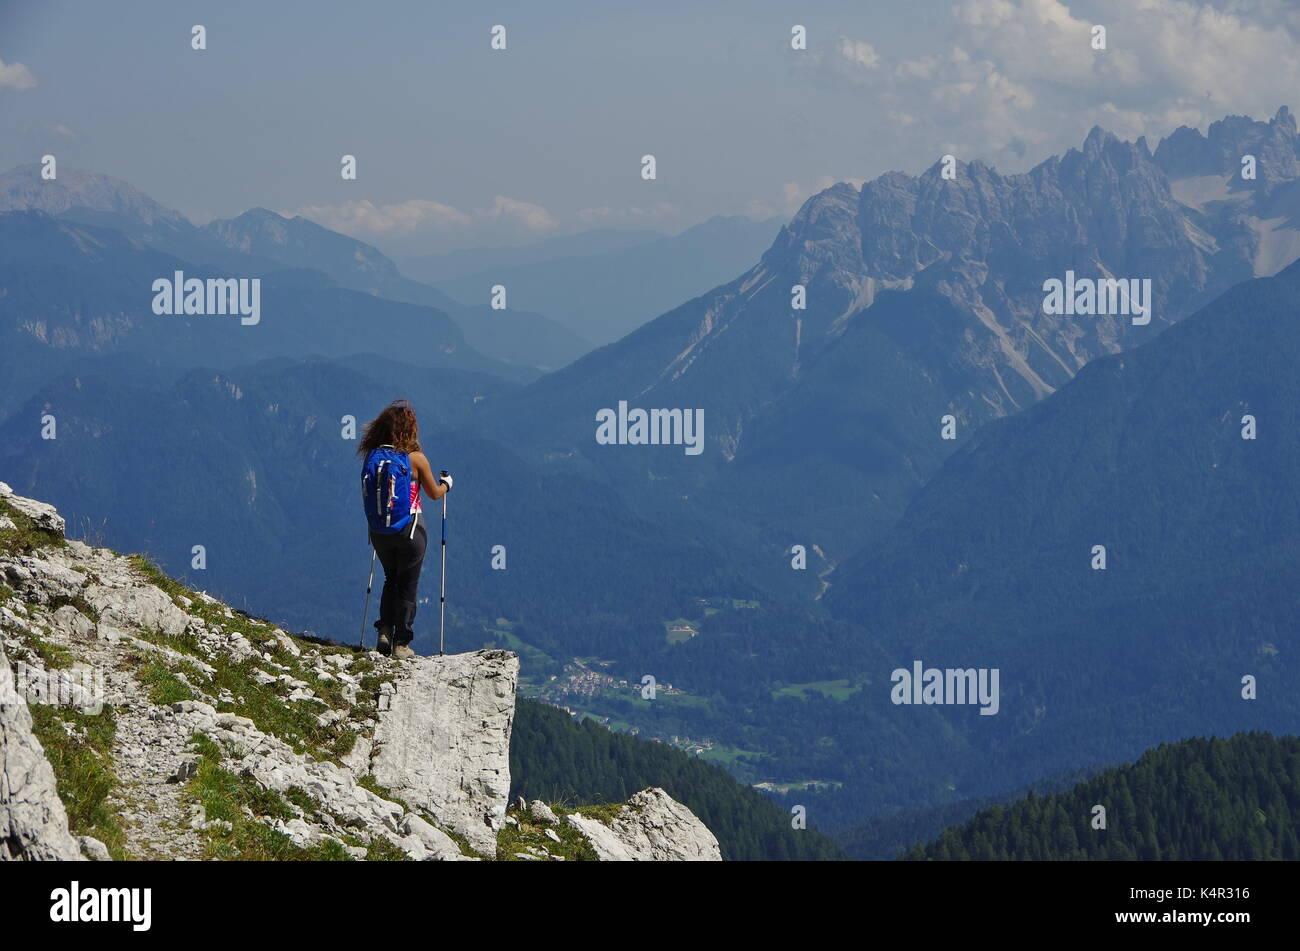 Junge femaie Trekker wandern auf einem Trail in den Dolomiten, Italien, Marmarole Stockfoto